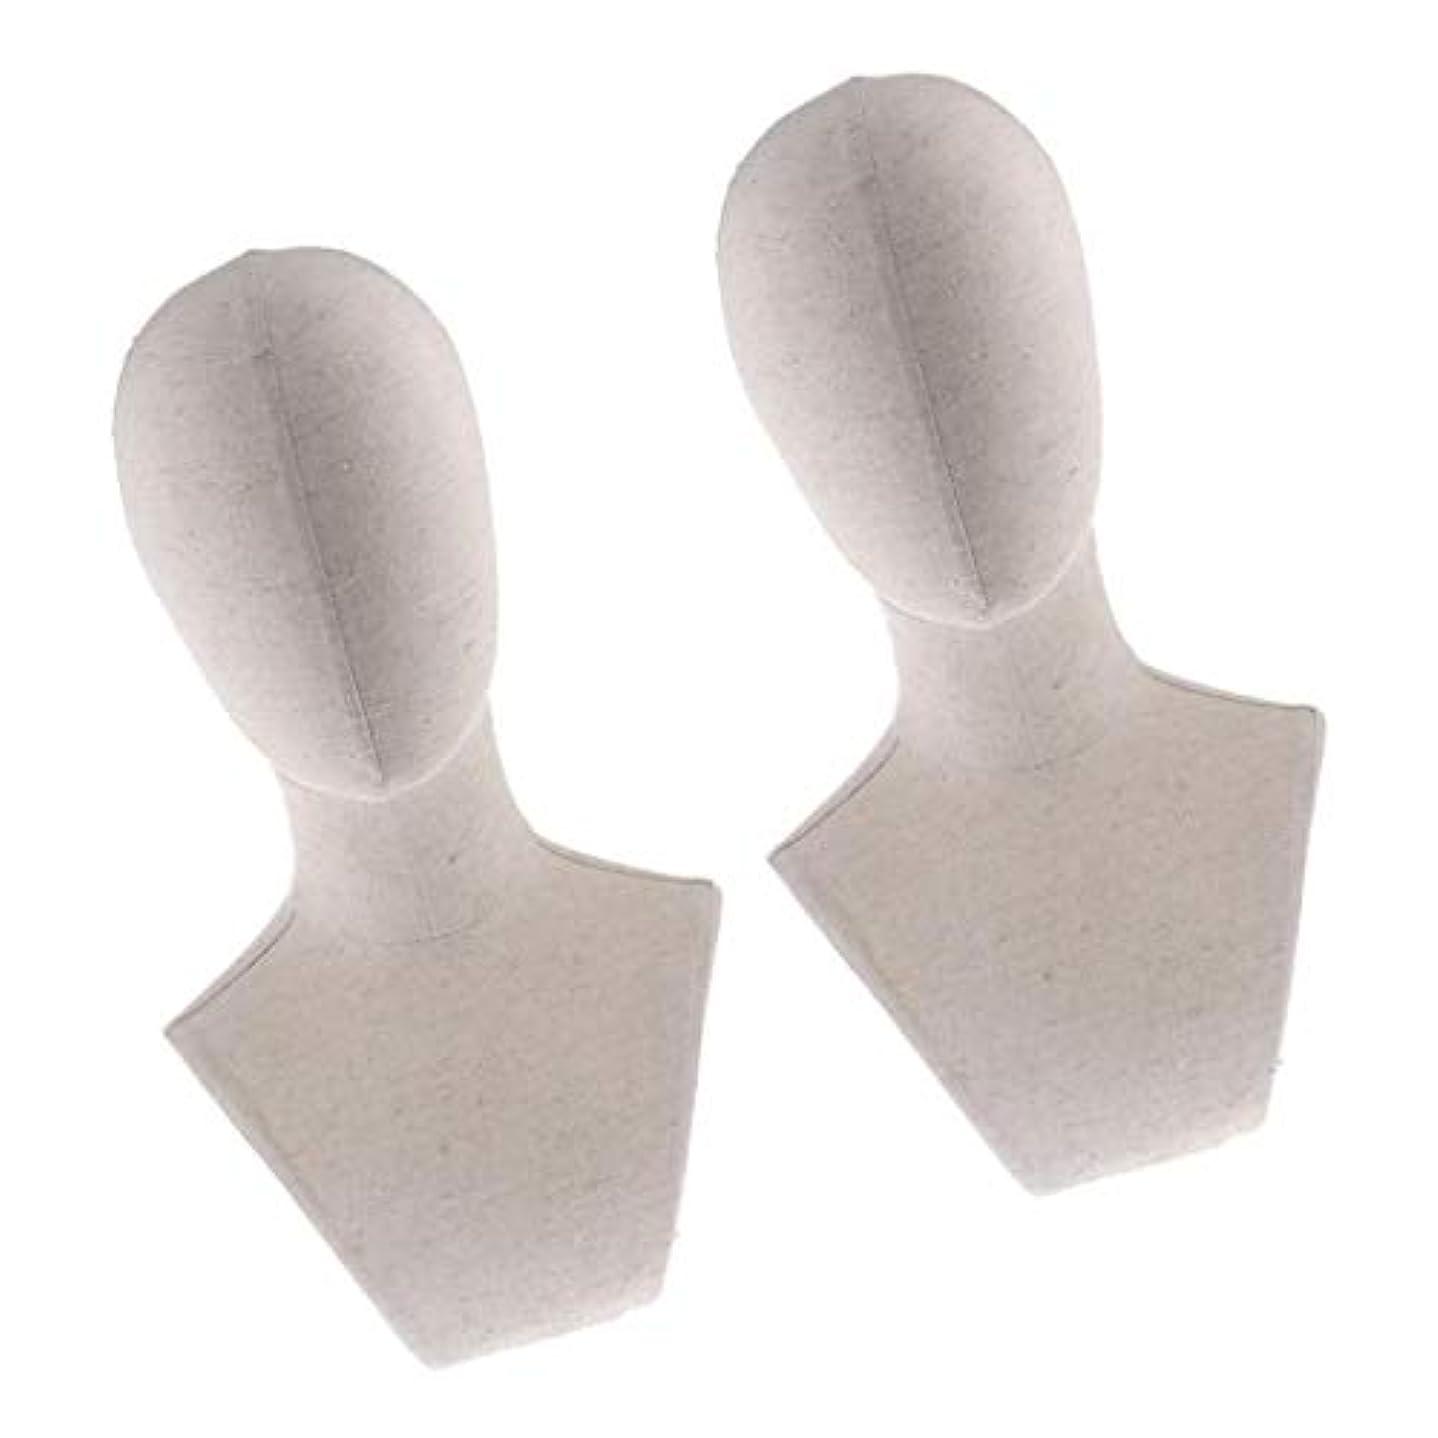 所持メダリスト低いPerfeclan マネキンヘッド ウィッグスタンド練習 頭部 女性ウィッグマネキン ディスプレイ 帽子スタンド 2個入り